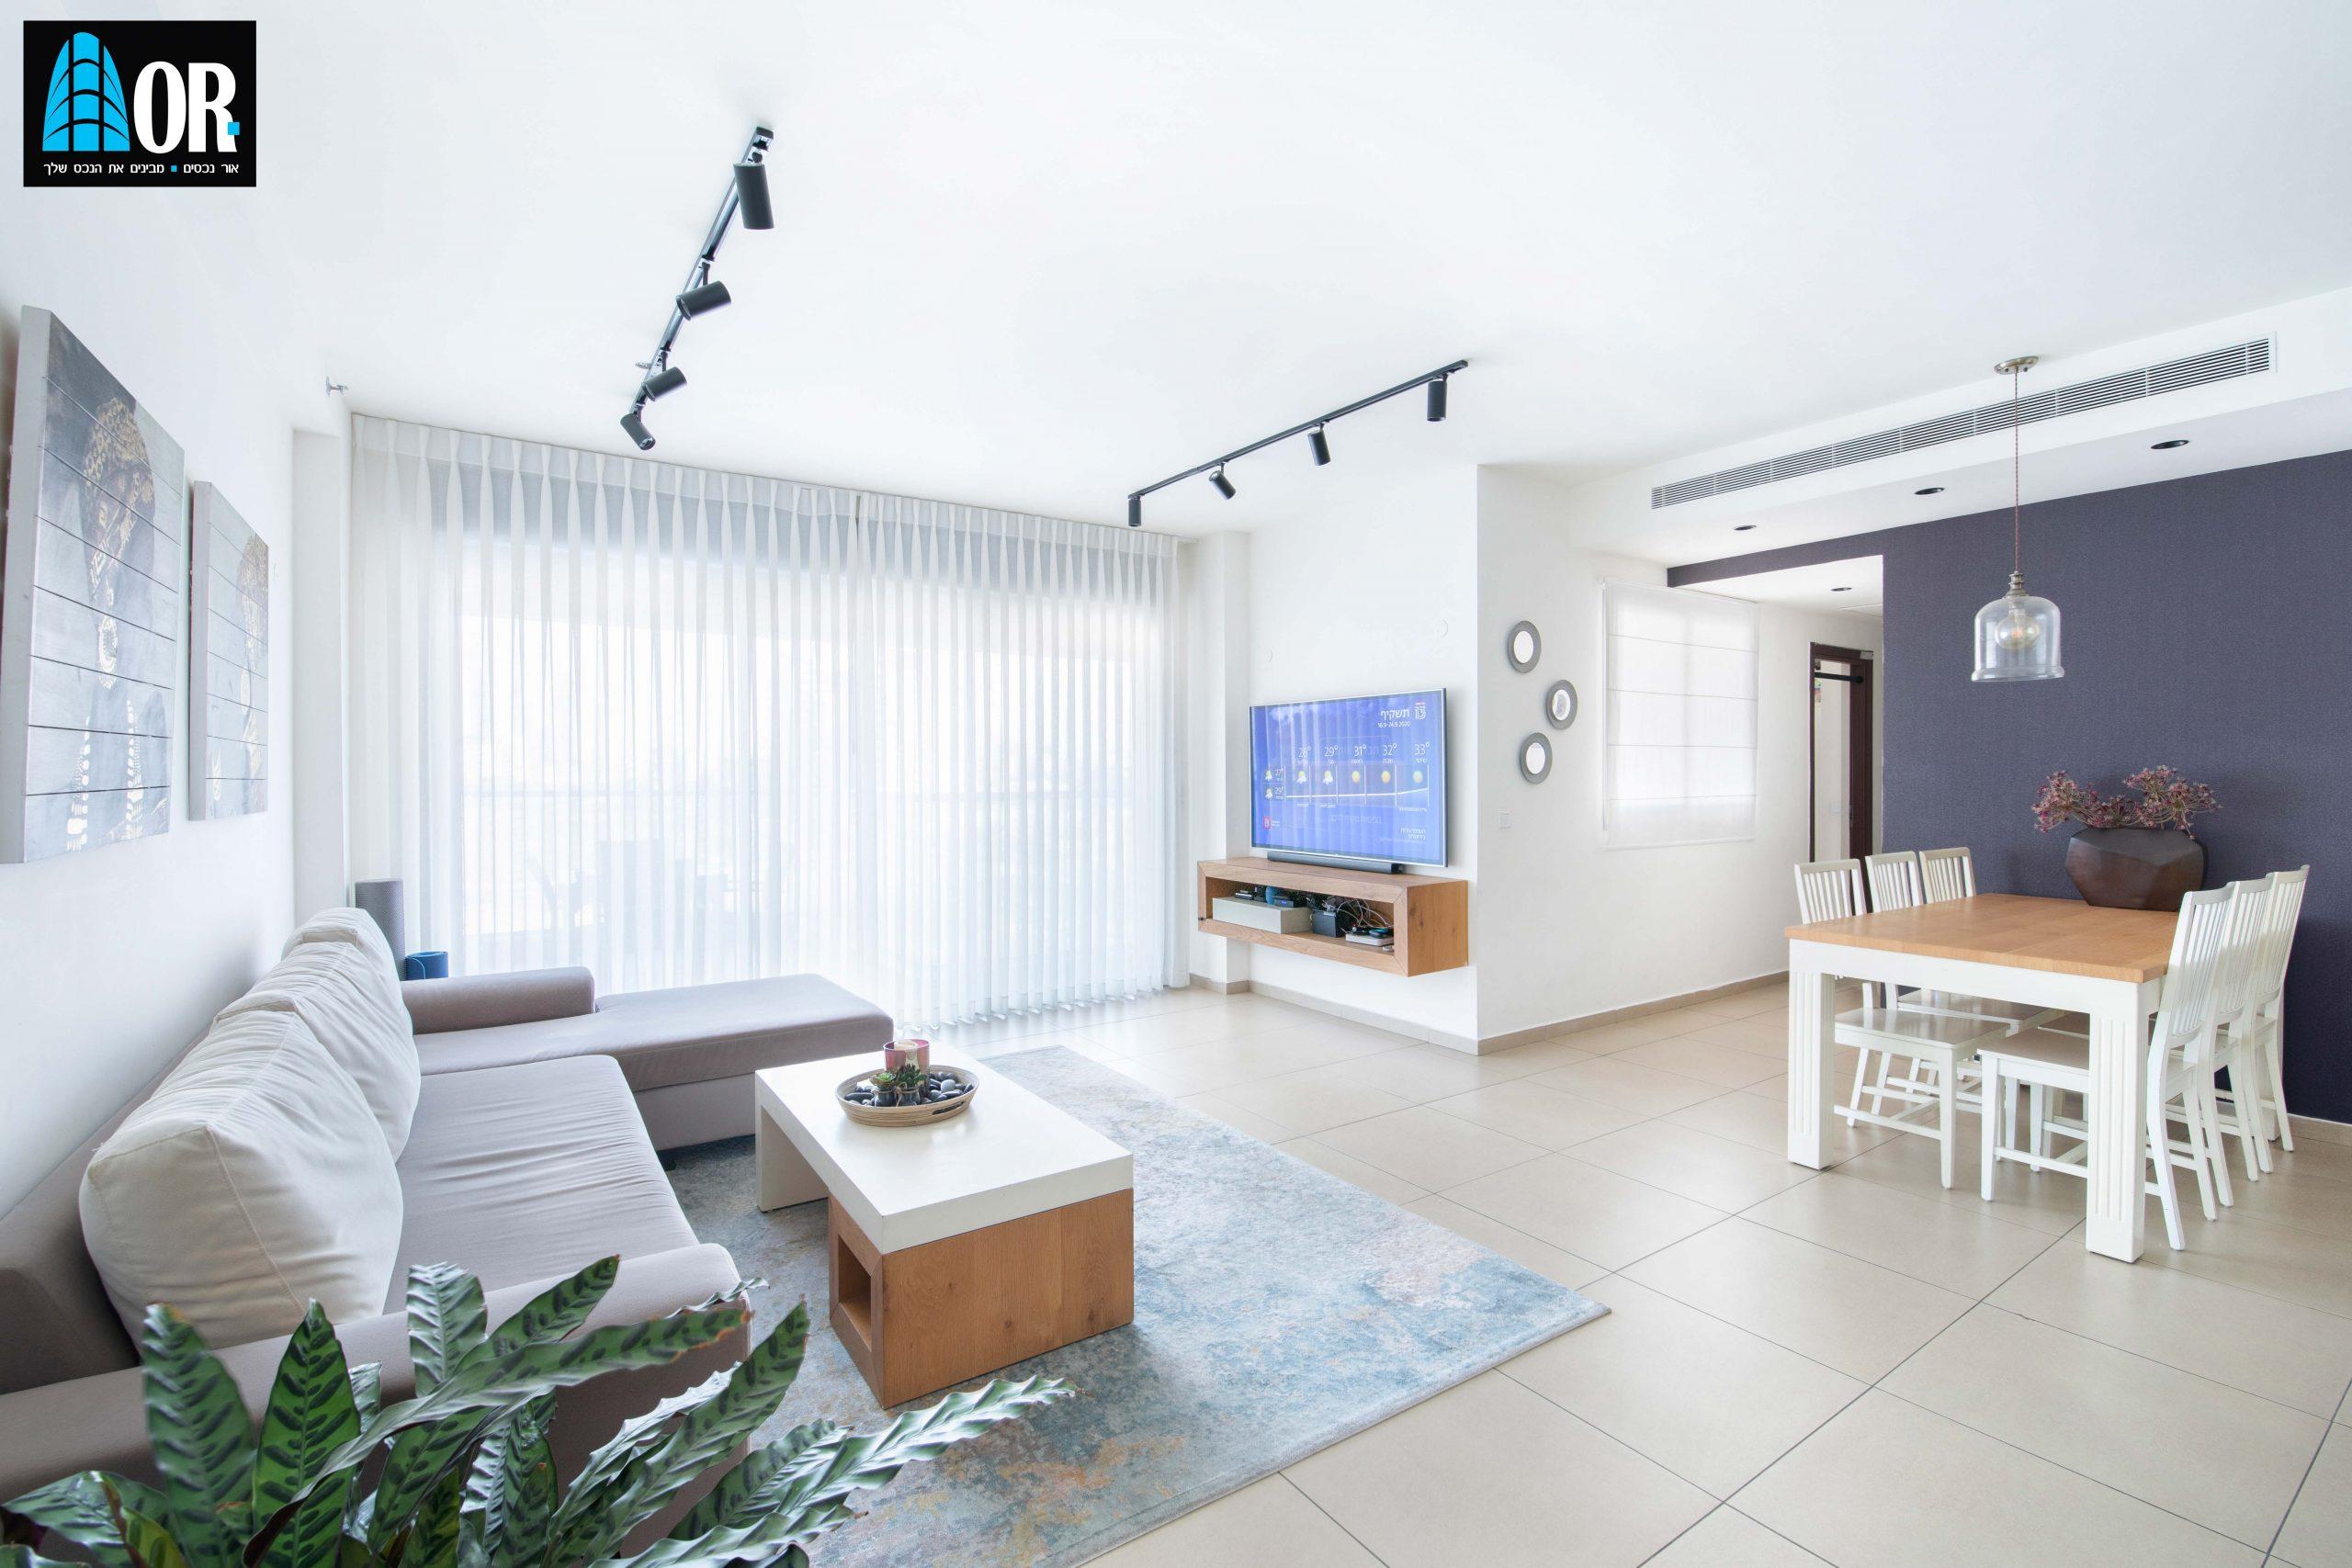 סלון דירה 4 חדרים, שכונה פארק המושבה